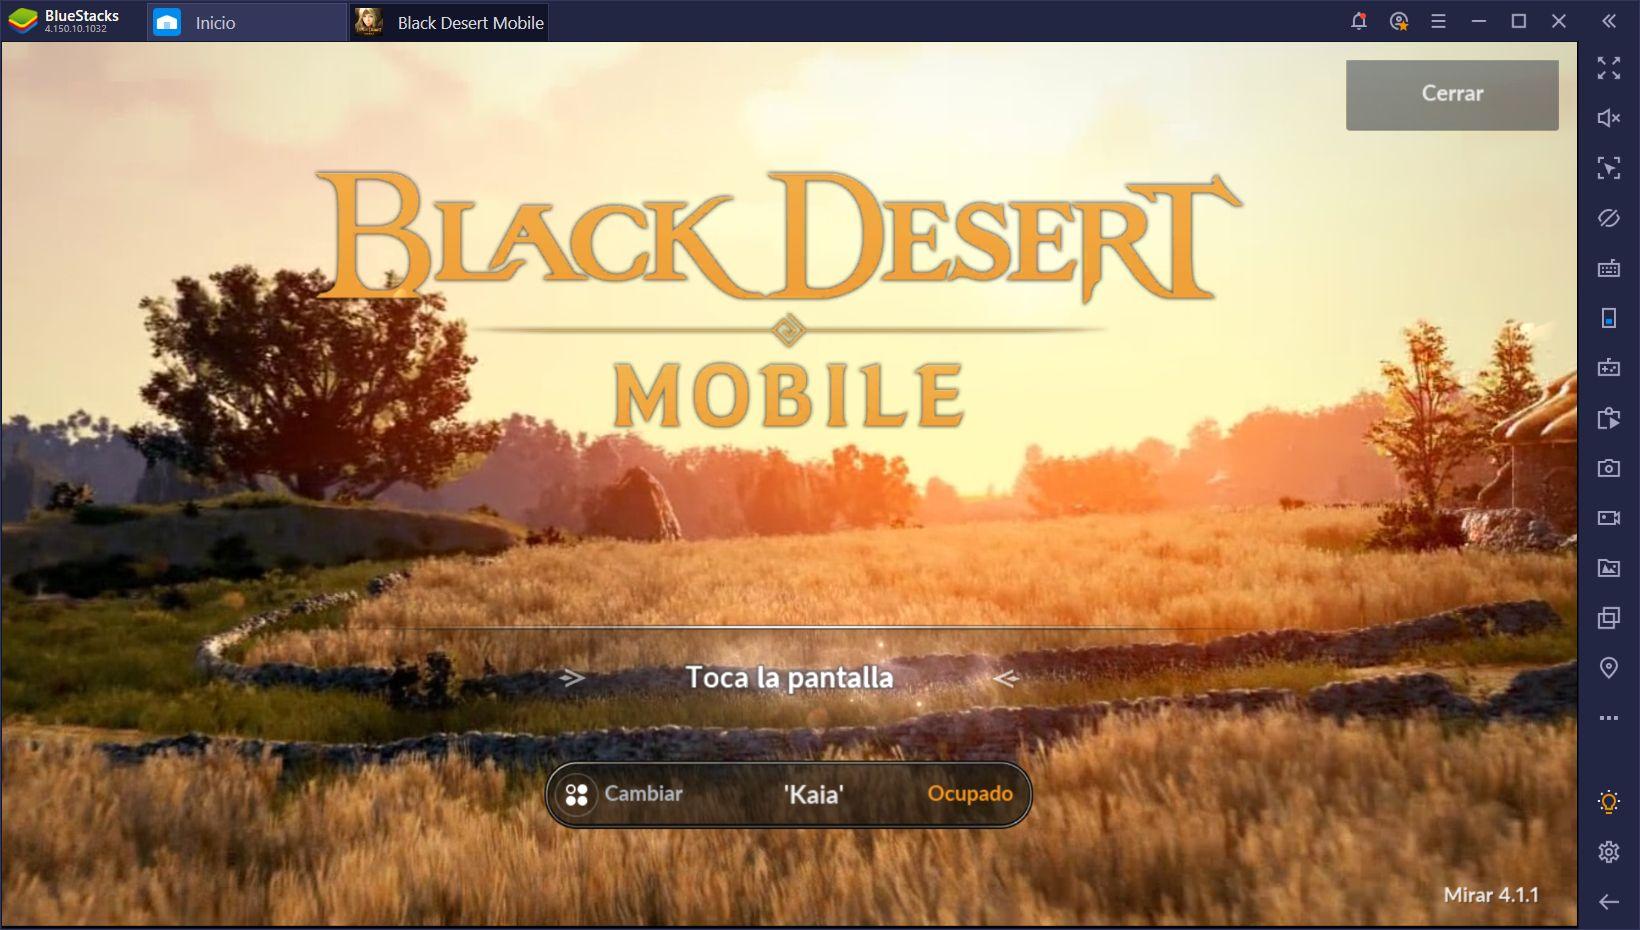 Black Desert Mobile - Trucos y Consejos Para Principiantes